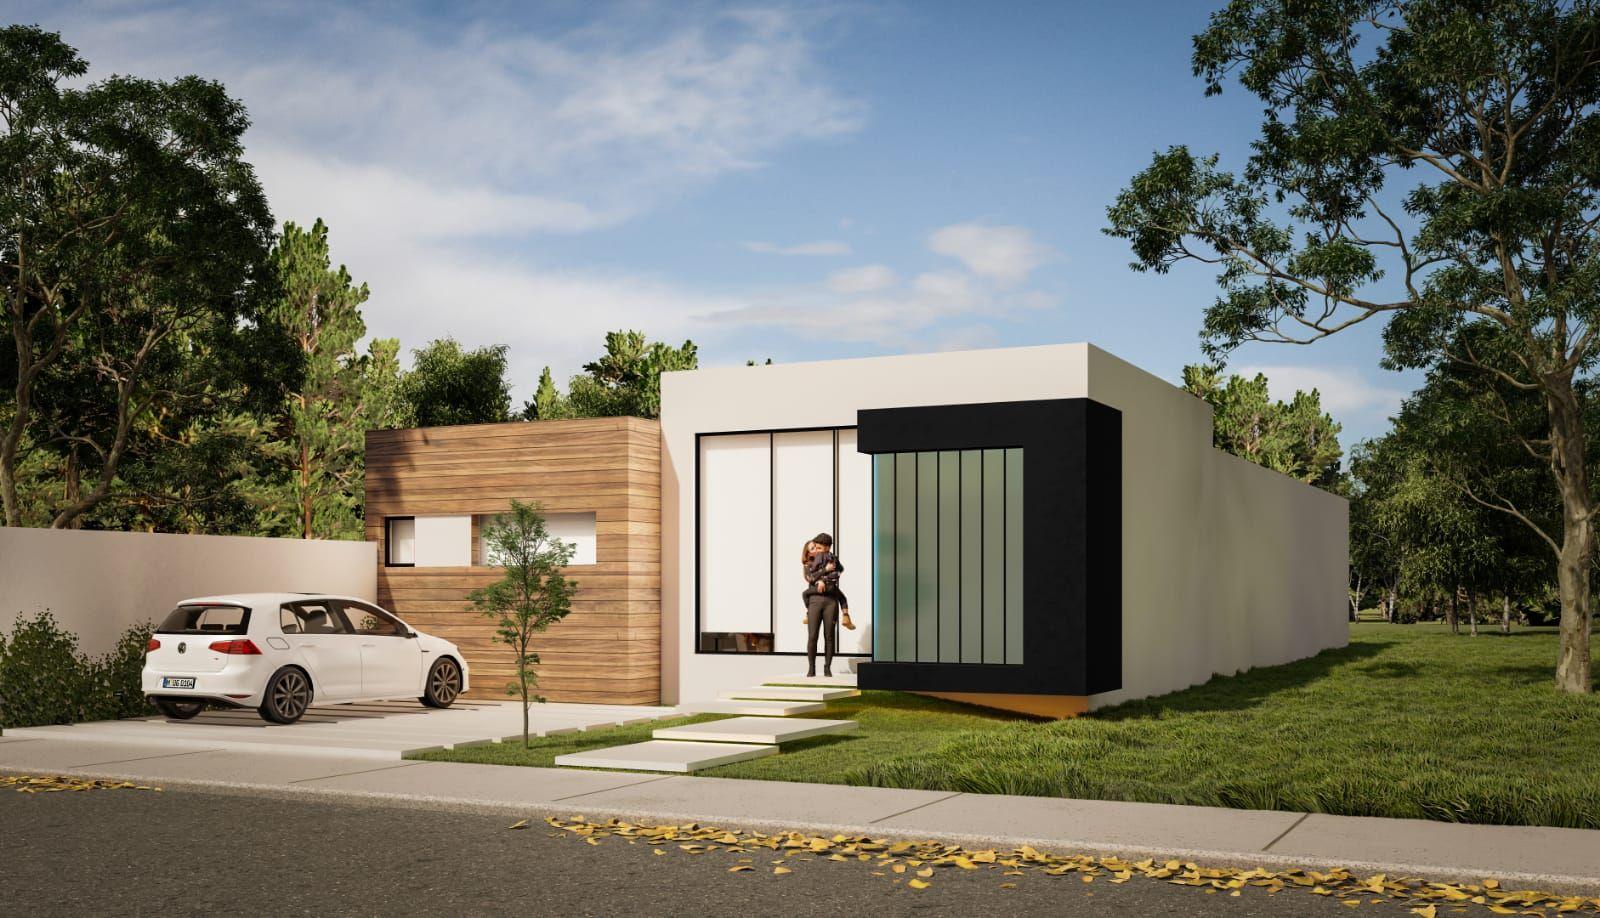 Casa en venta de 2 dormitorios en construcción en Rincón del Río